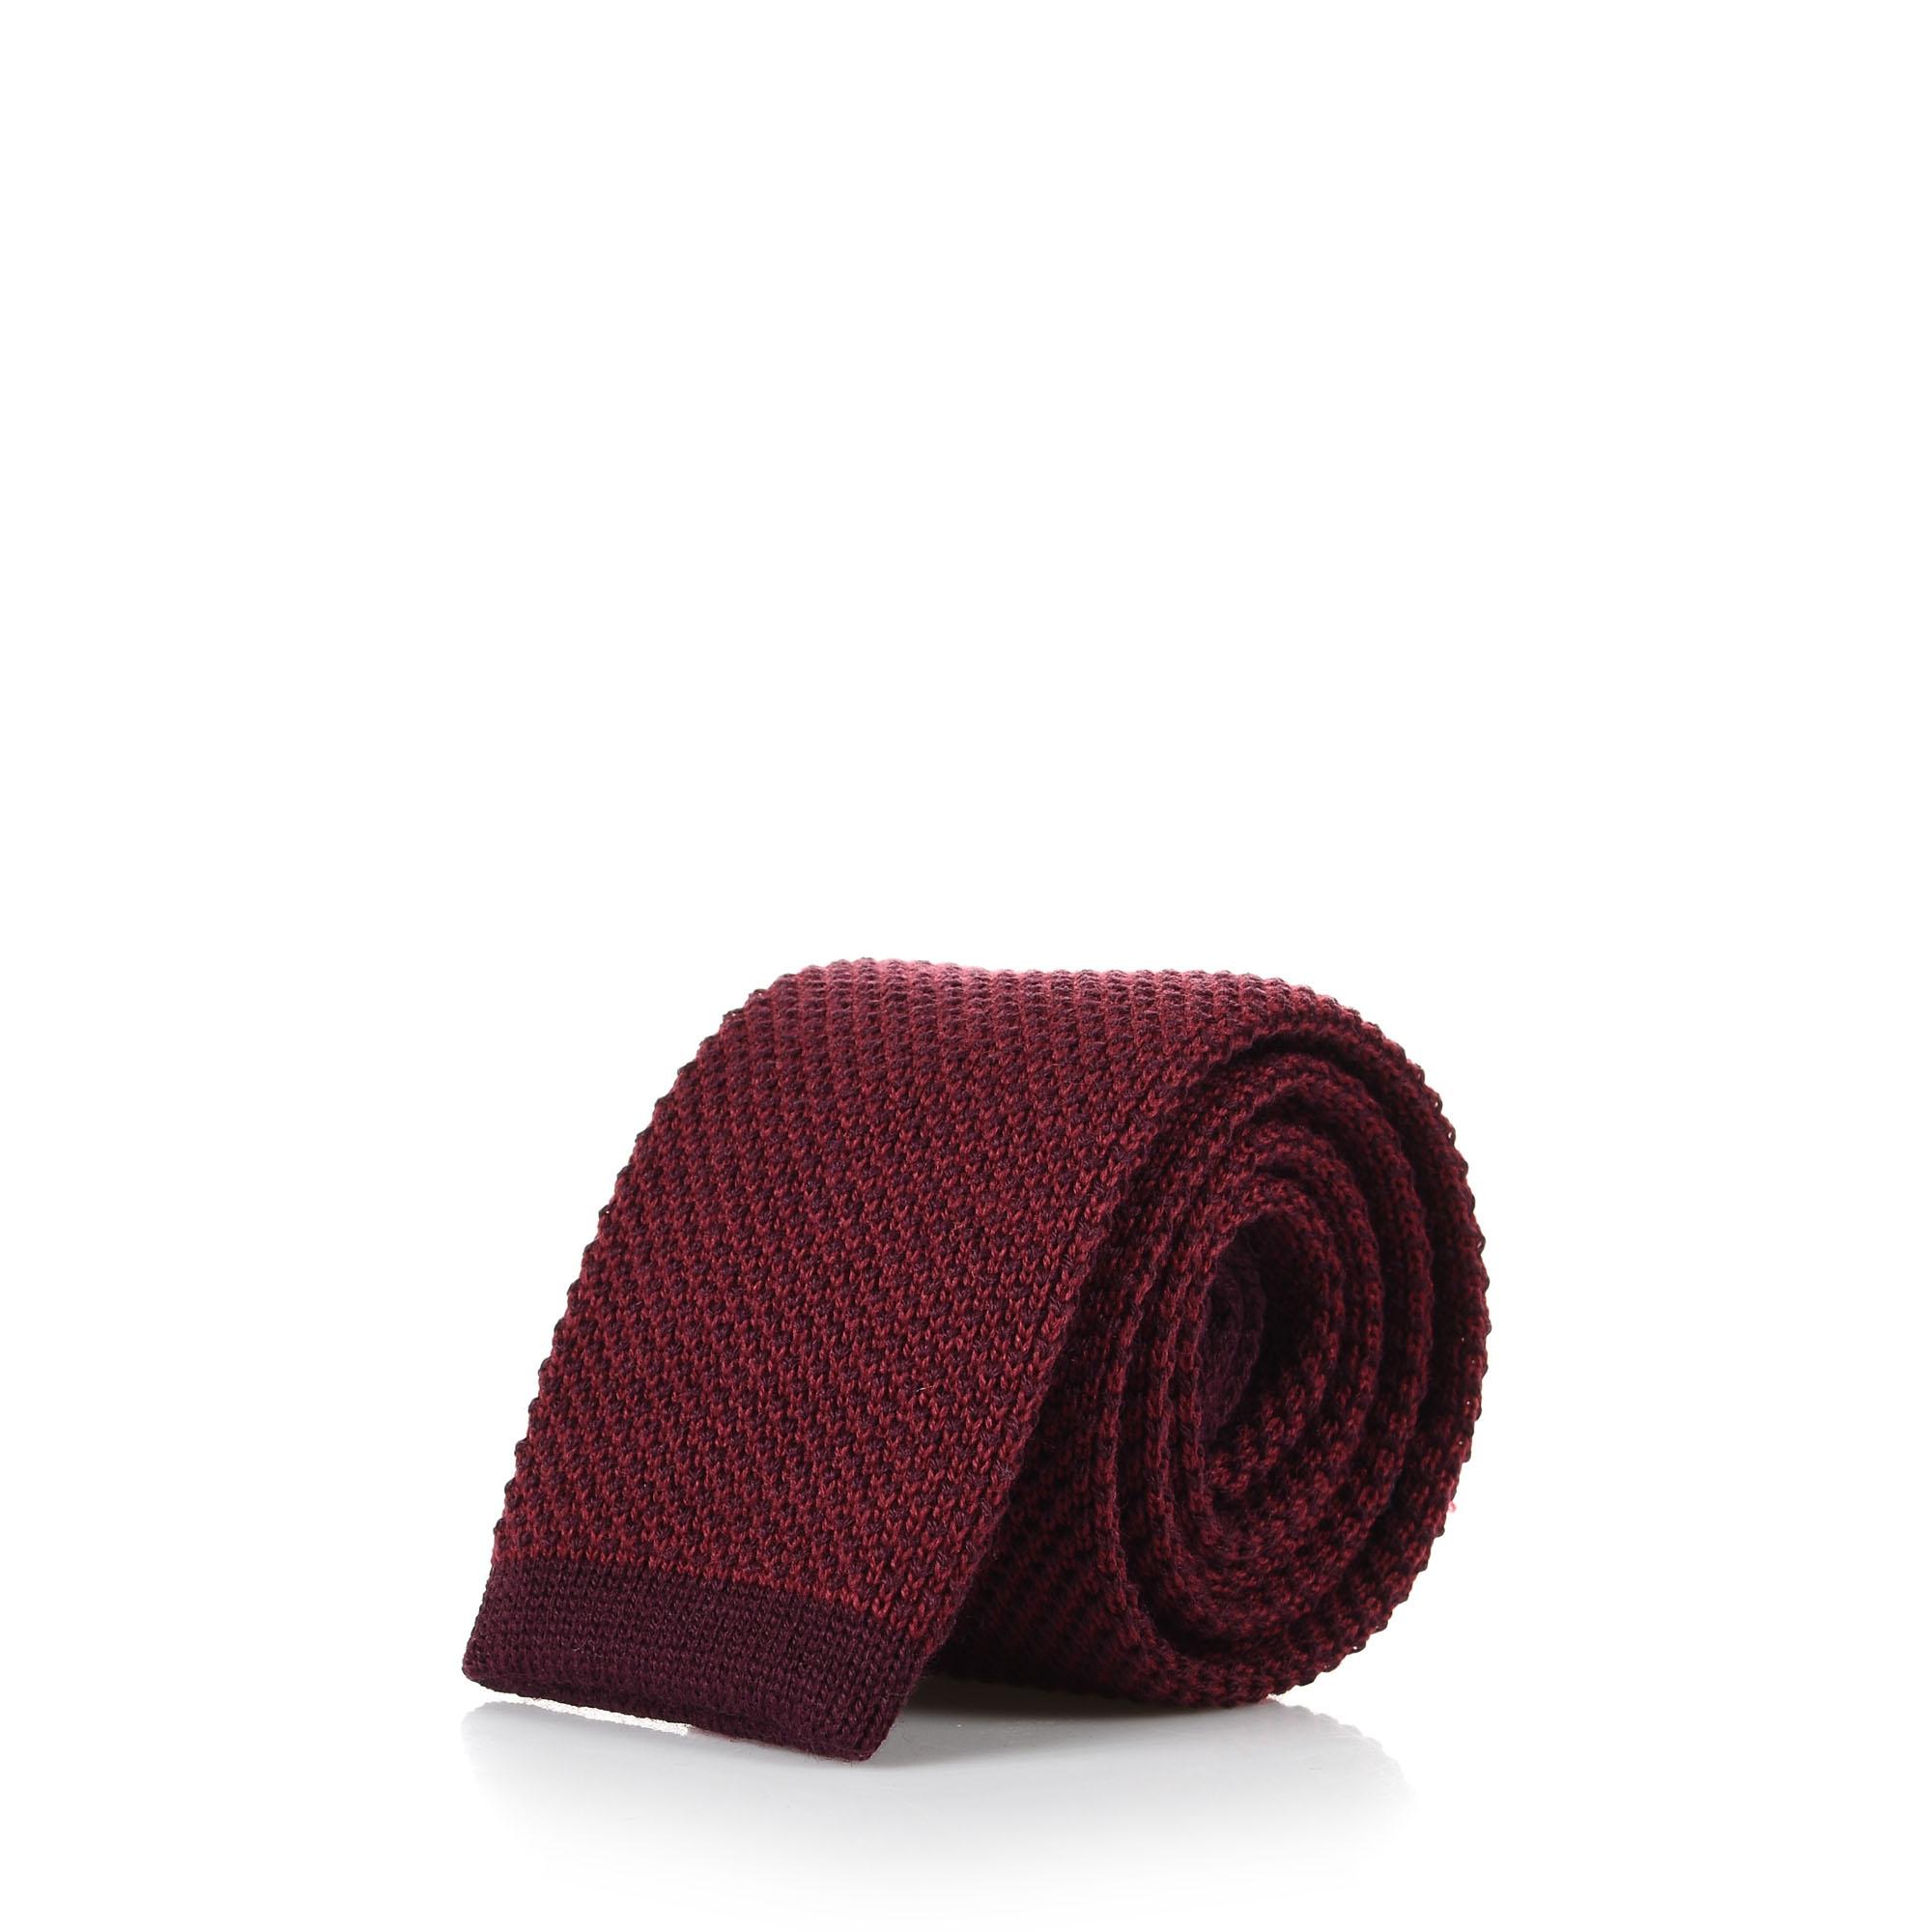 Γραβάτα Tommy Hilfiger Wool Solid Knitted Tie TT0TT06102